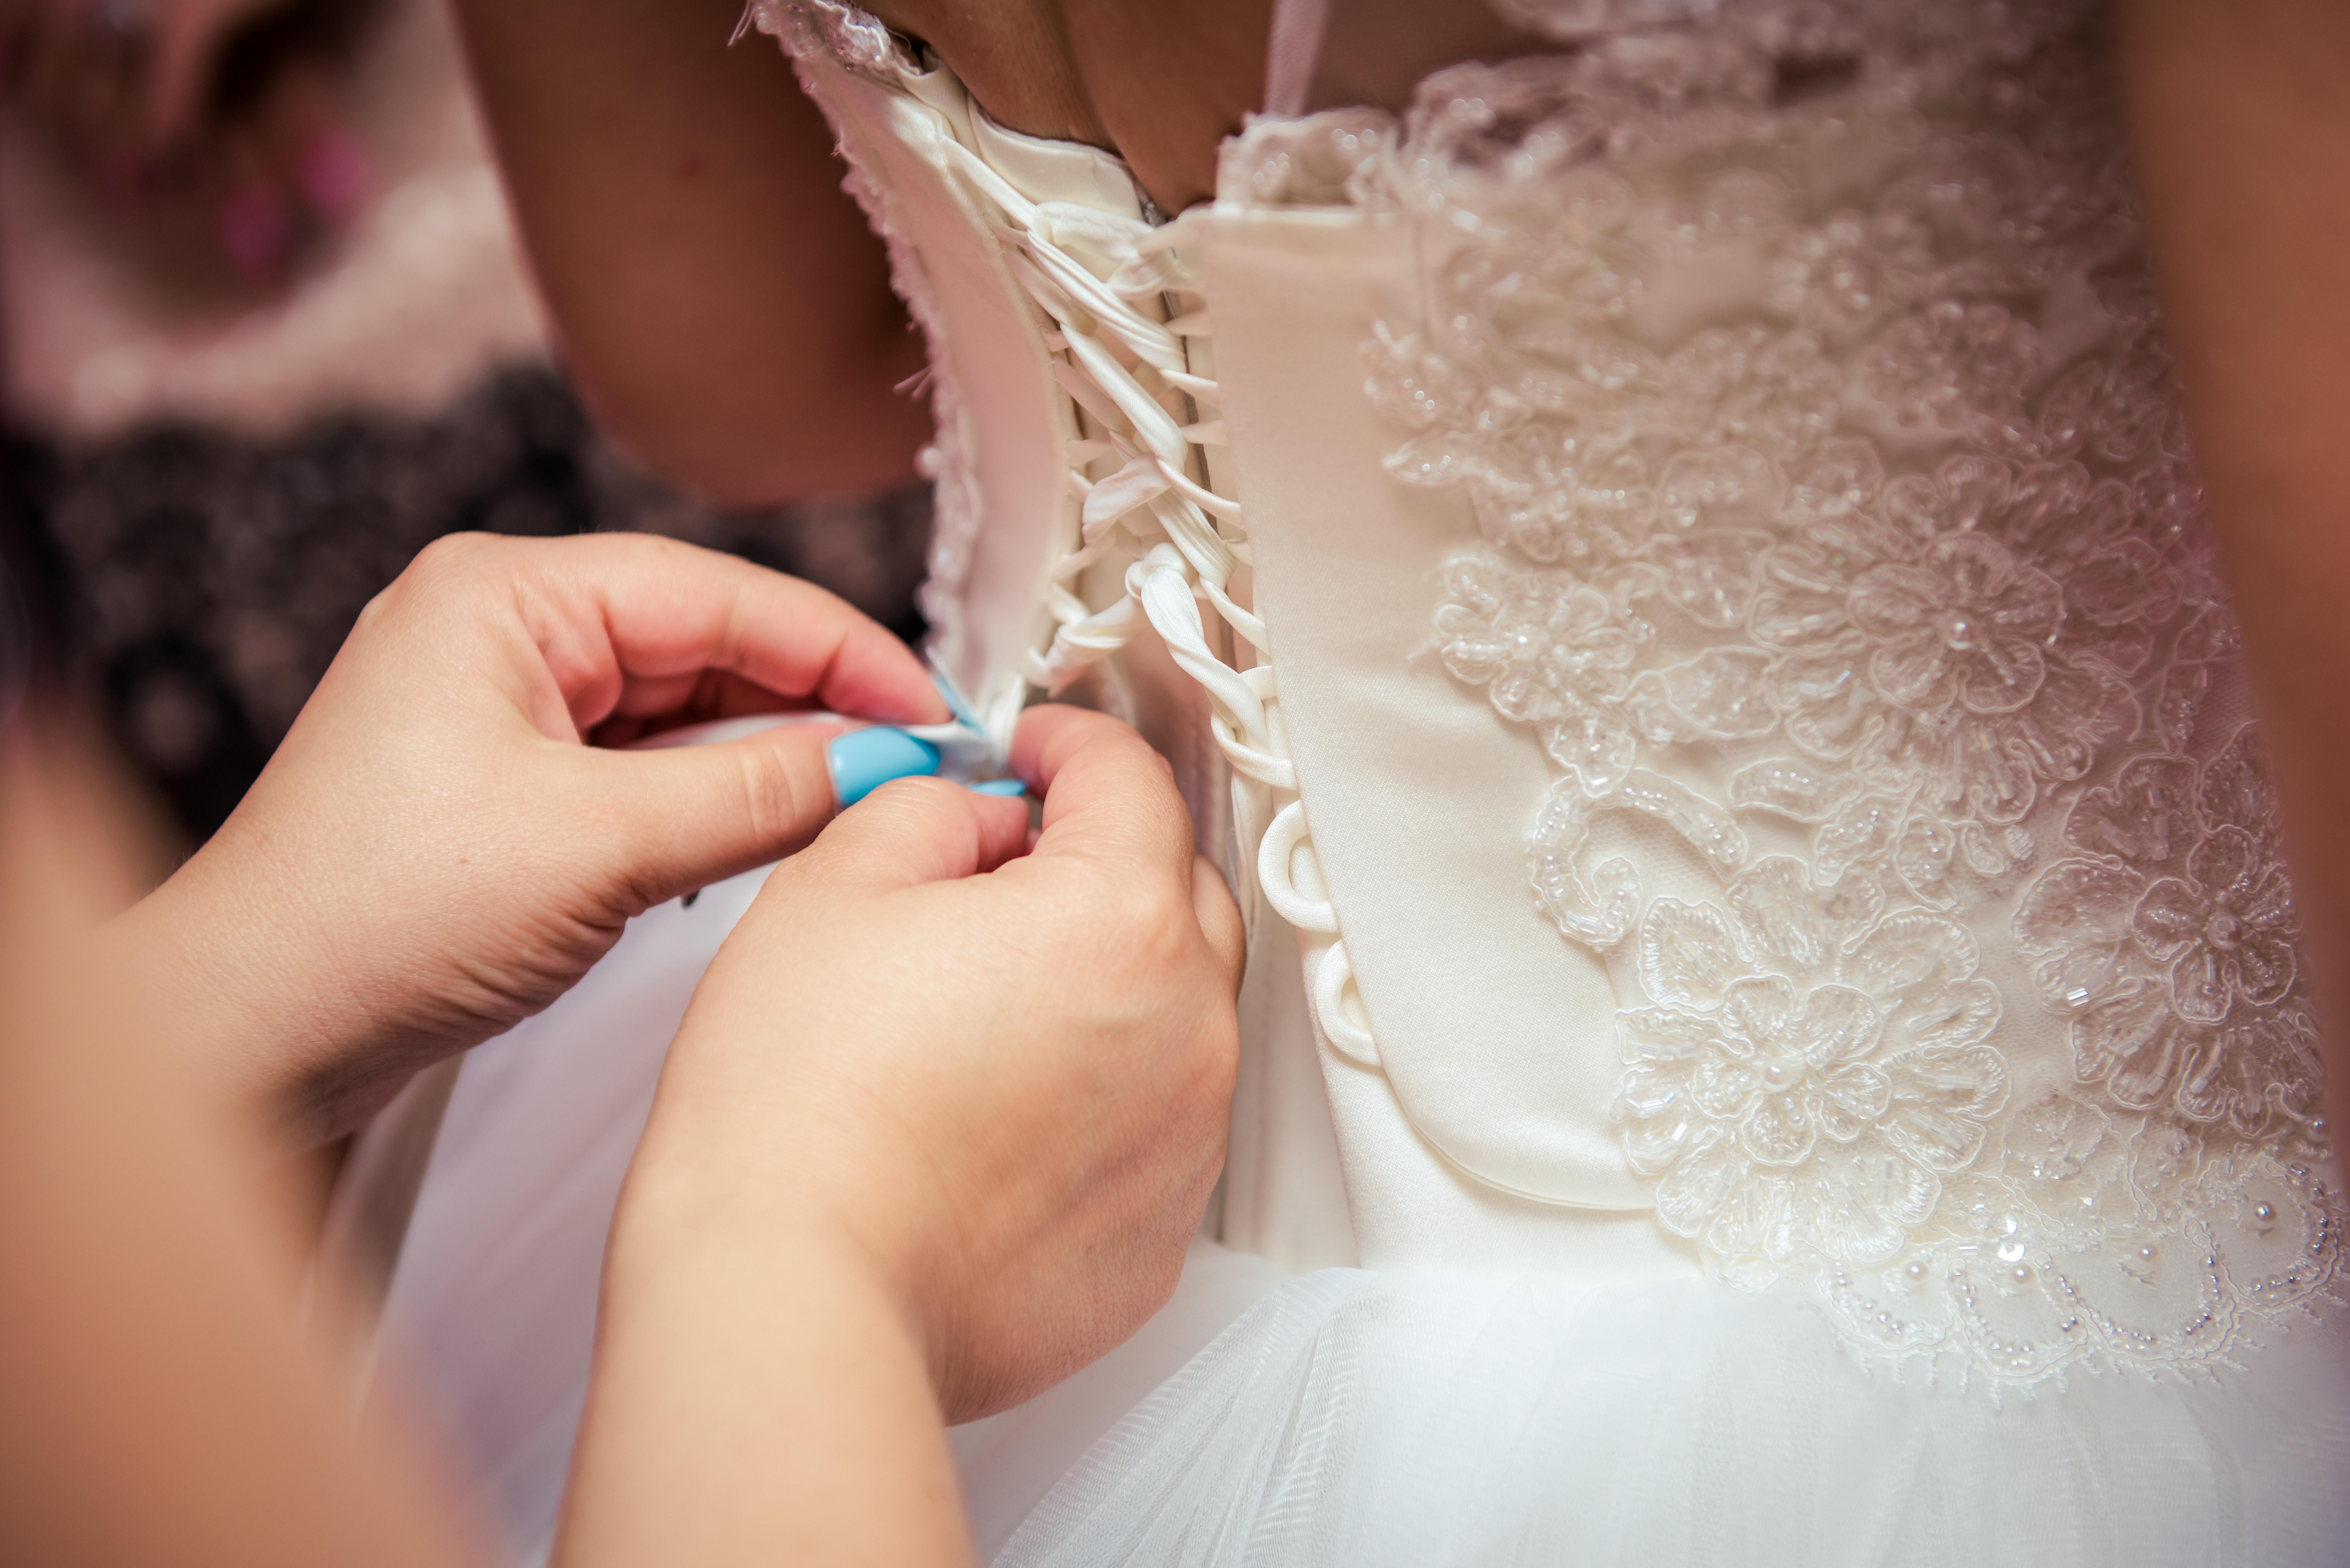 Em Something Borrowed Em The Benefits Of Buying A Used Wedding Dress Where Y At,Plus Size Wedding Dresses Cleveland Ohio